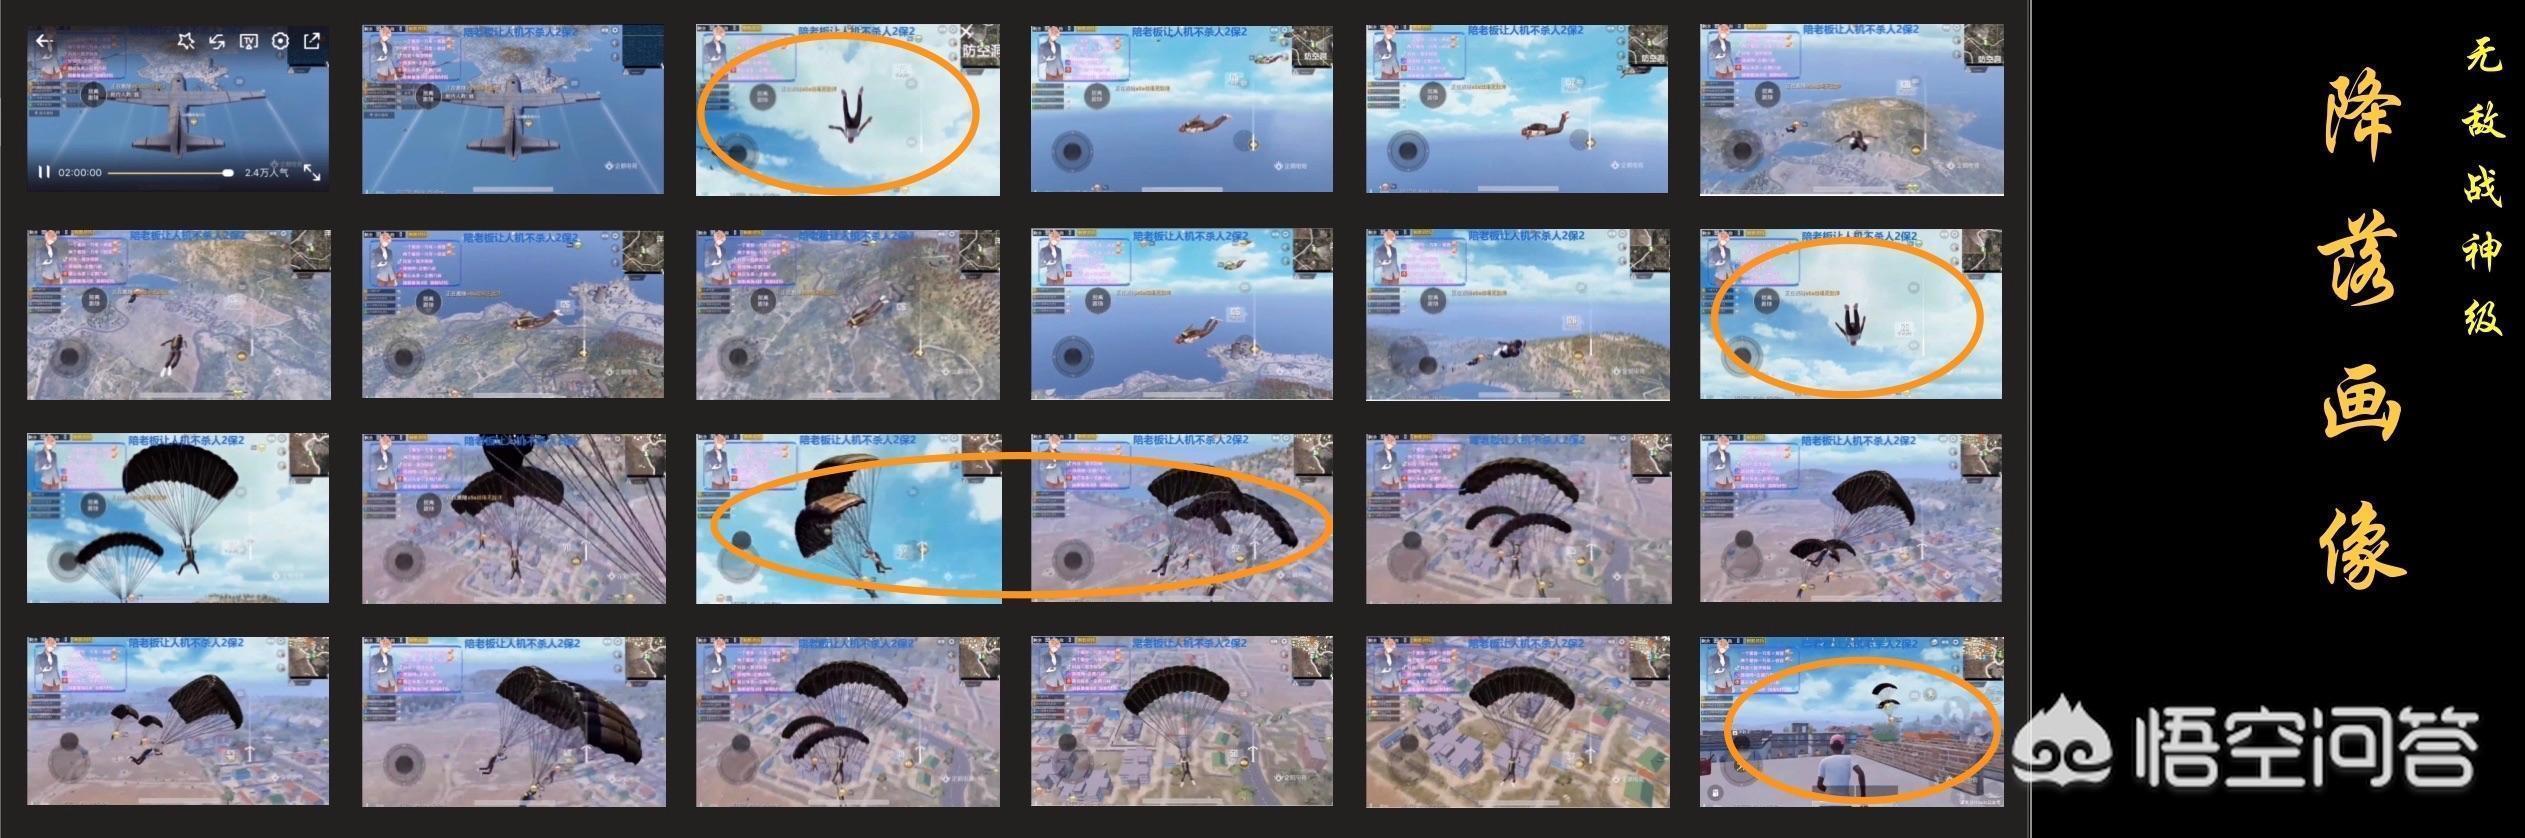 刺激戰場跳傘1100米左右的距離怎麼飛比較快?